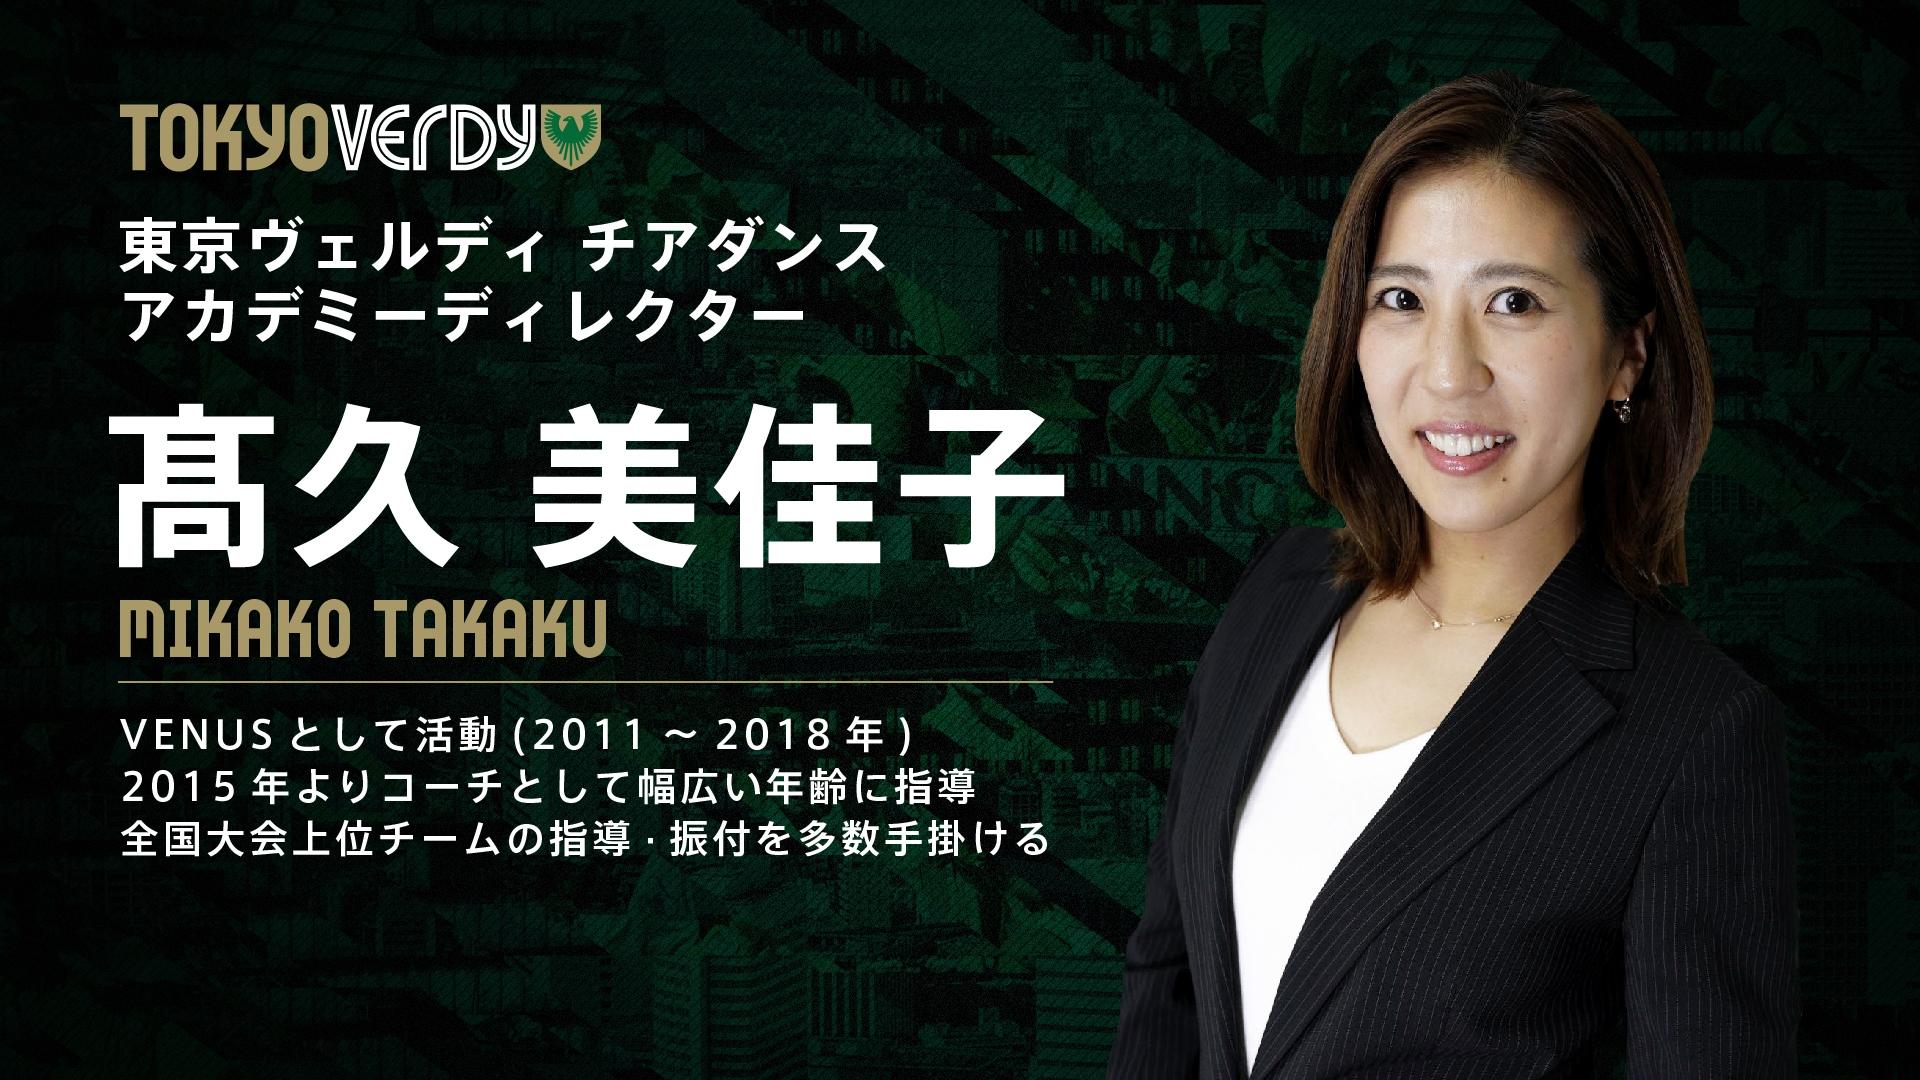 チアダンスアカデミーディレクター・高久美佳子